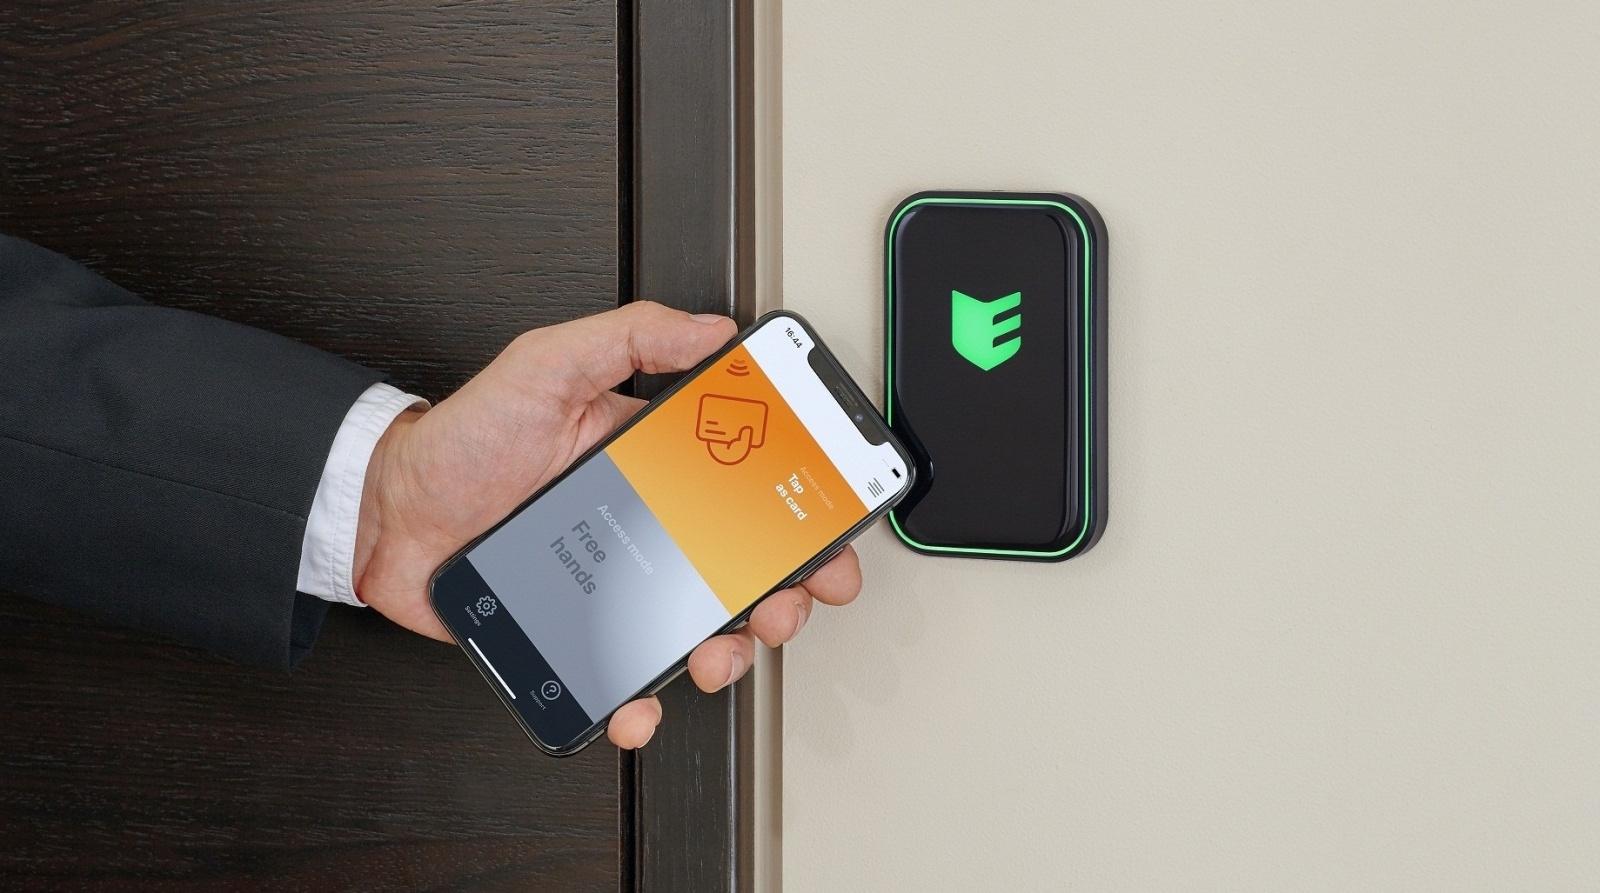 Доступ по смартфону — новая эра в системах контроля доступа - 1